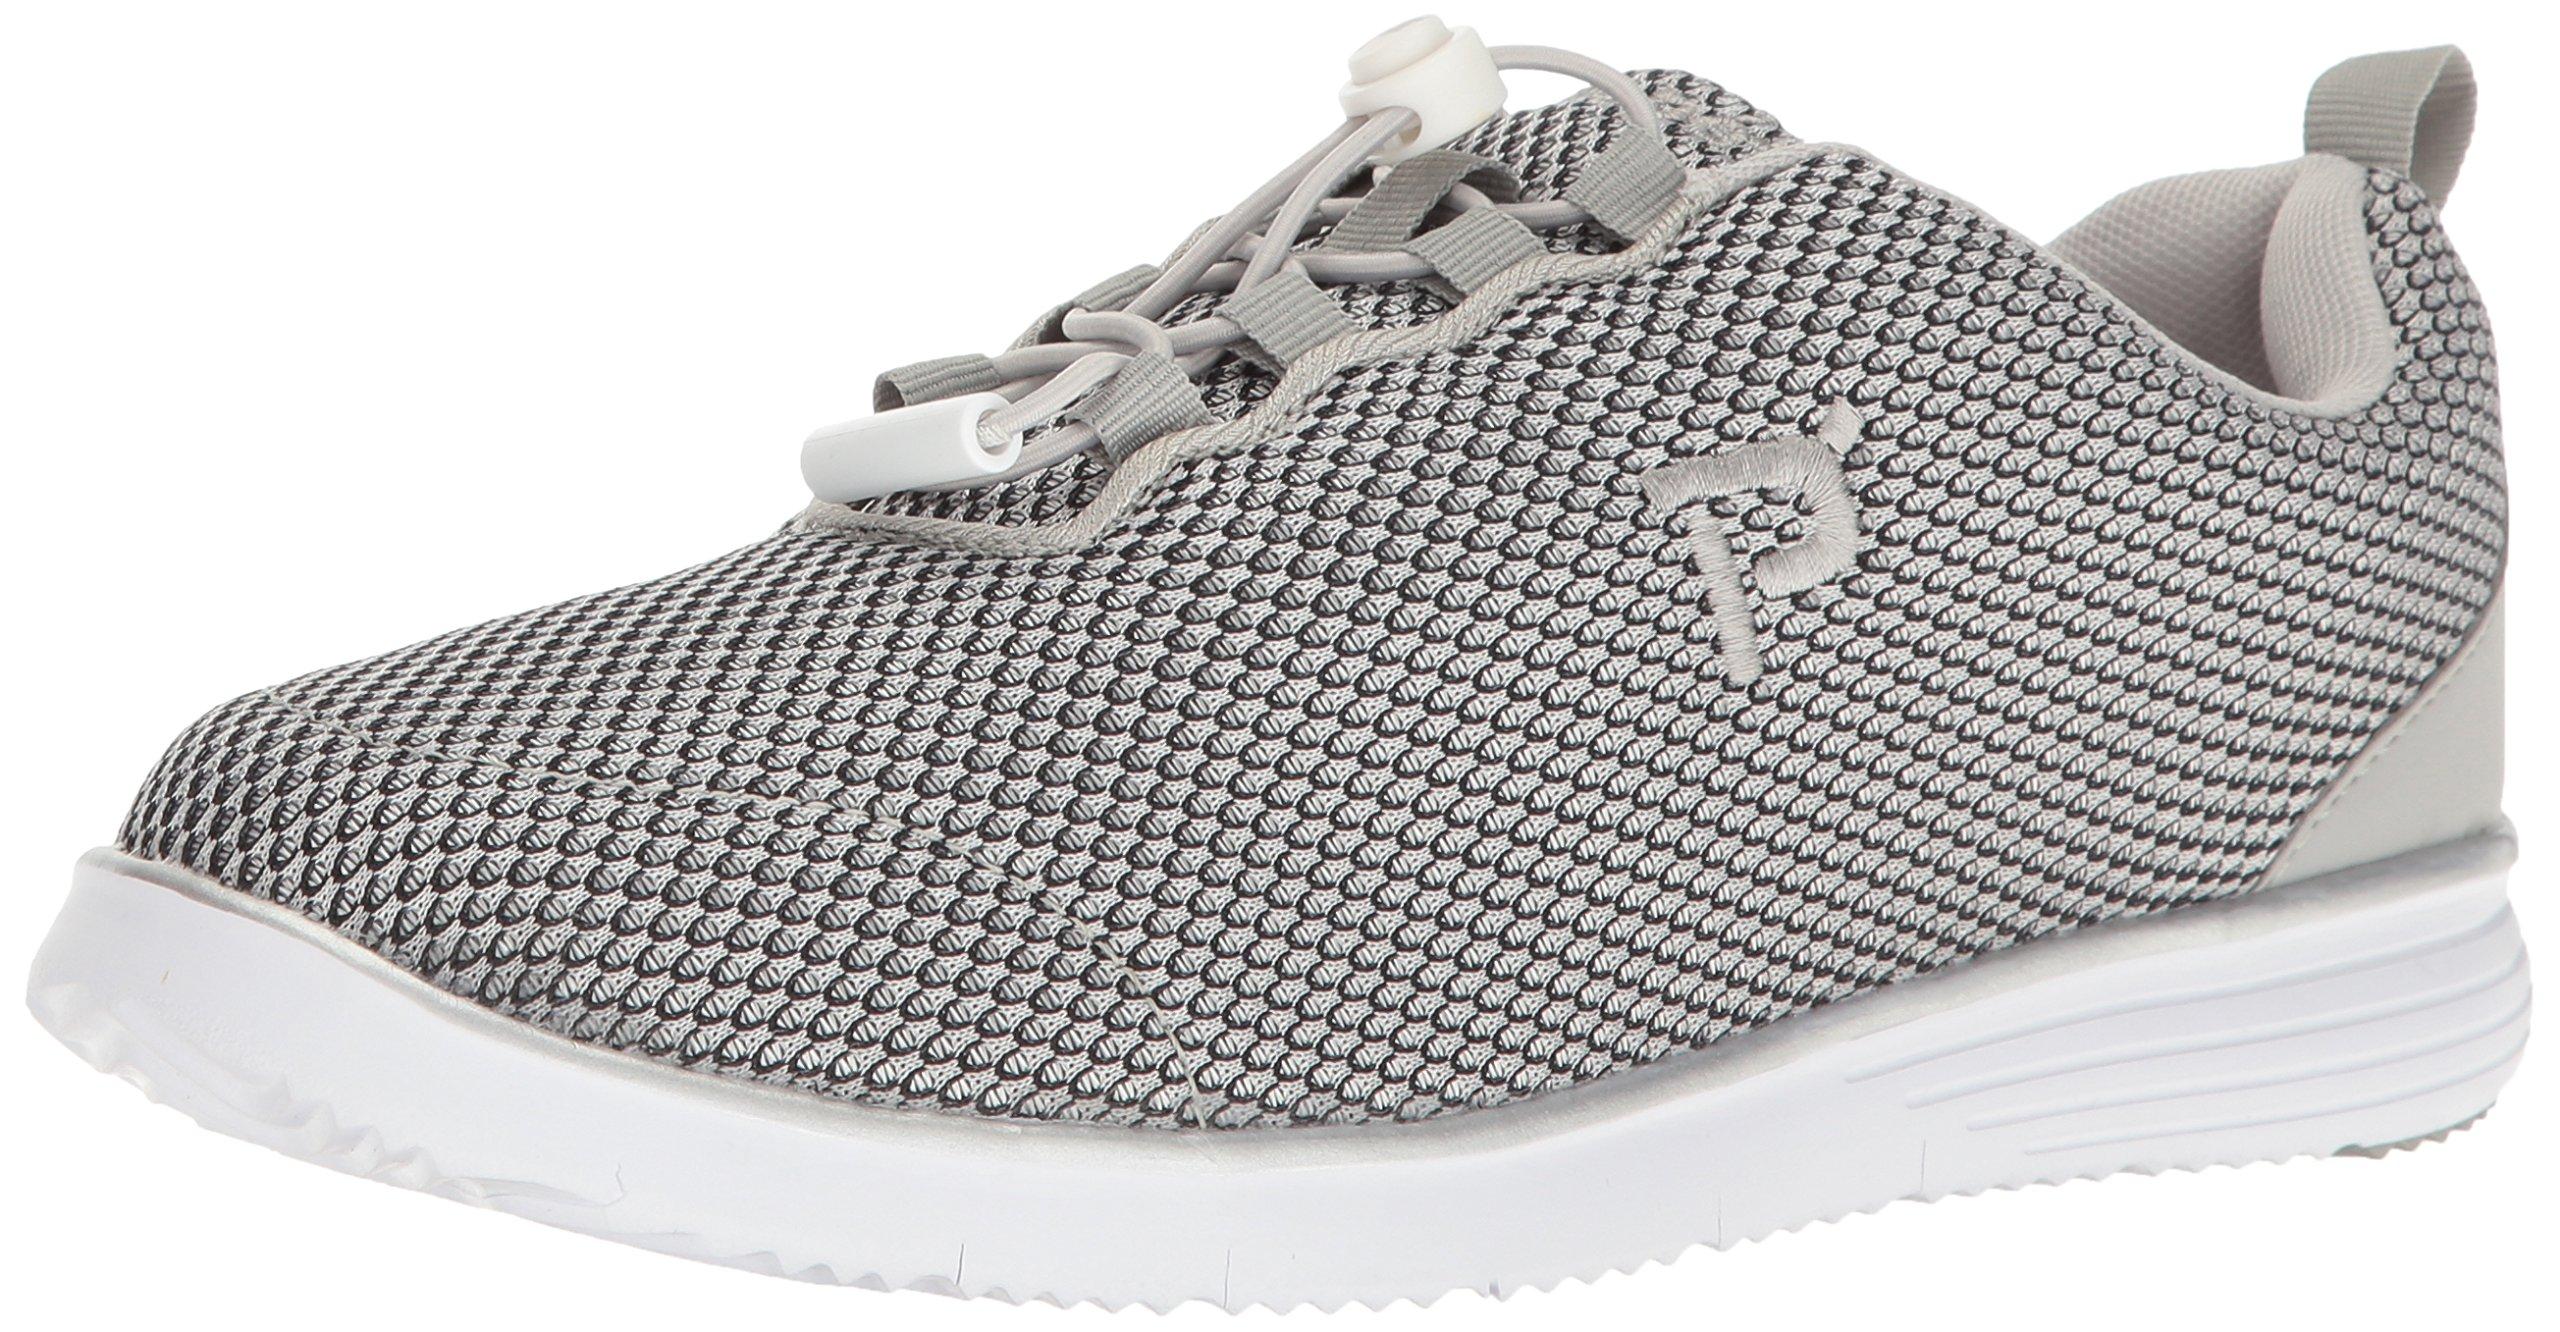 Propet Women's TravelFit Prestige Walking Shoe, Silver/Black, 8 4E US